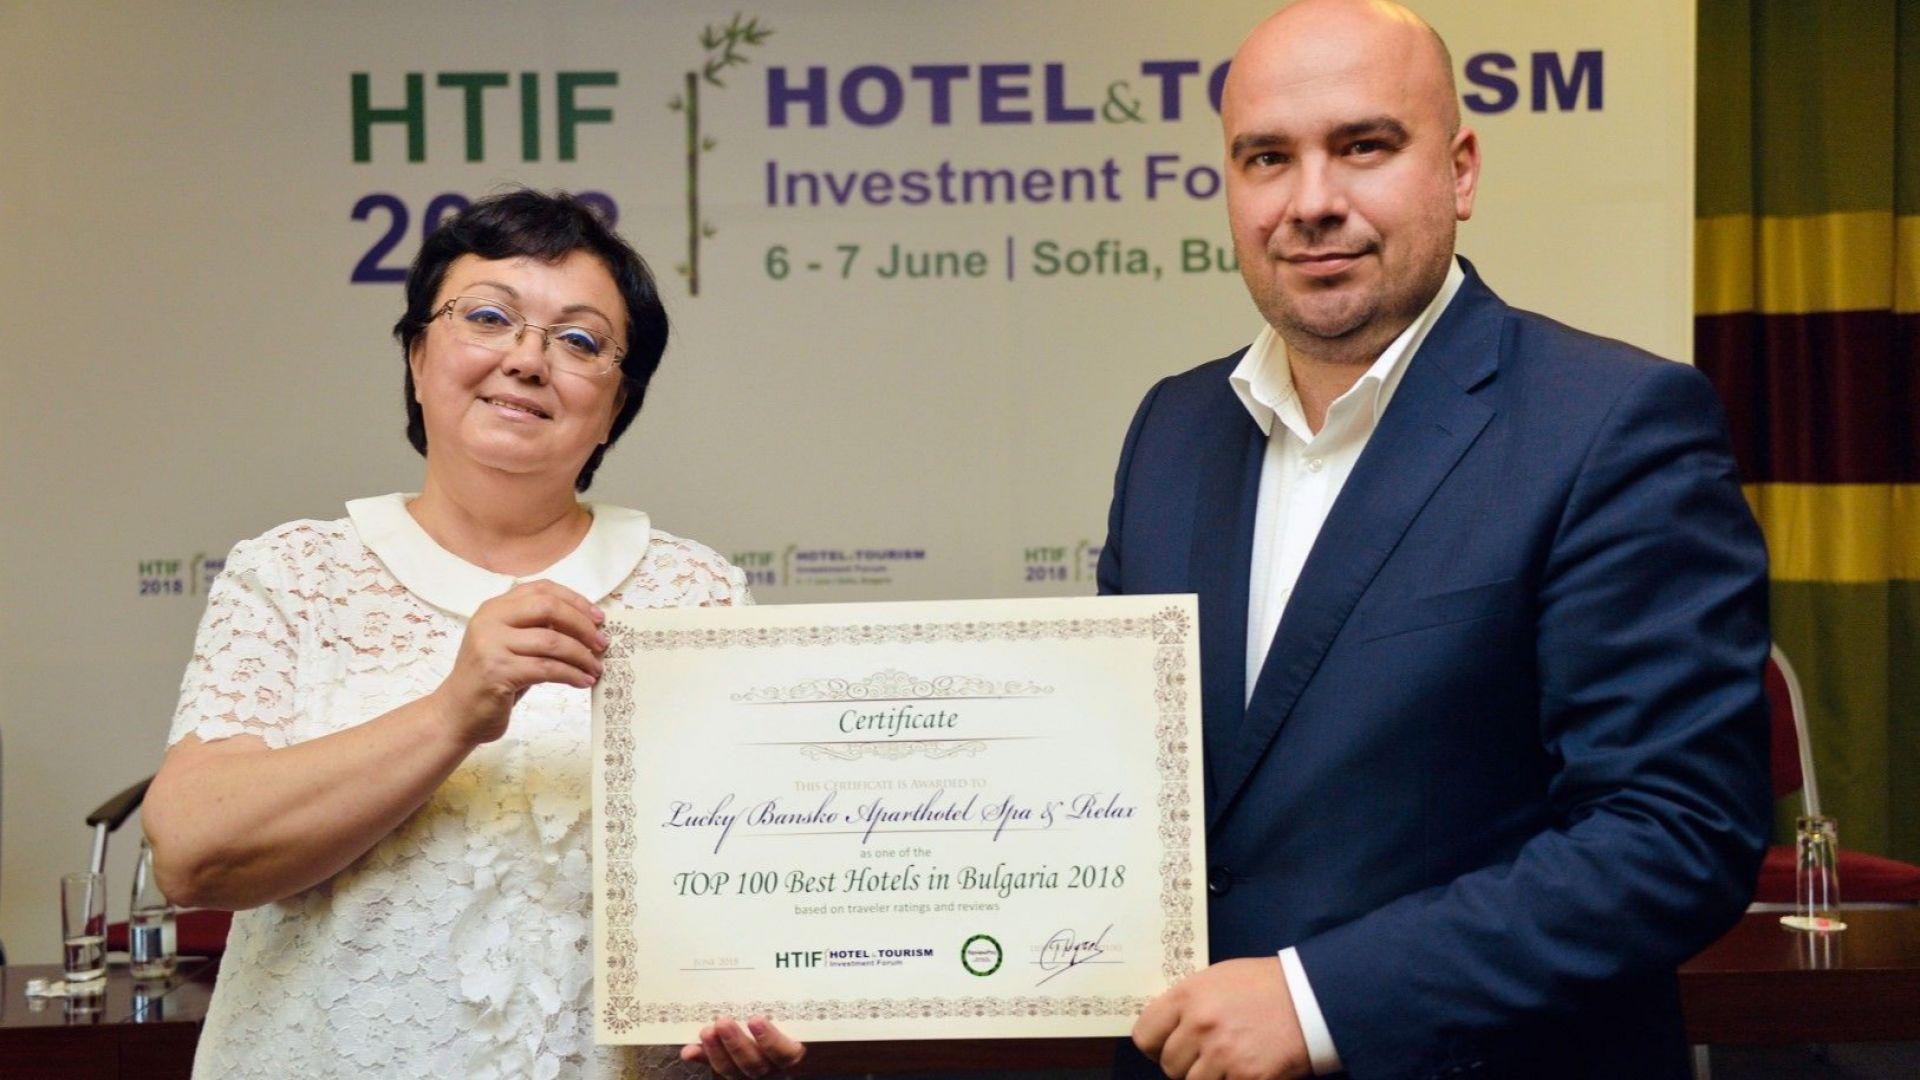 Апартхотел Лъки Банско СПА&Релакс e хотел номер 1 в България